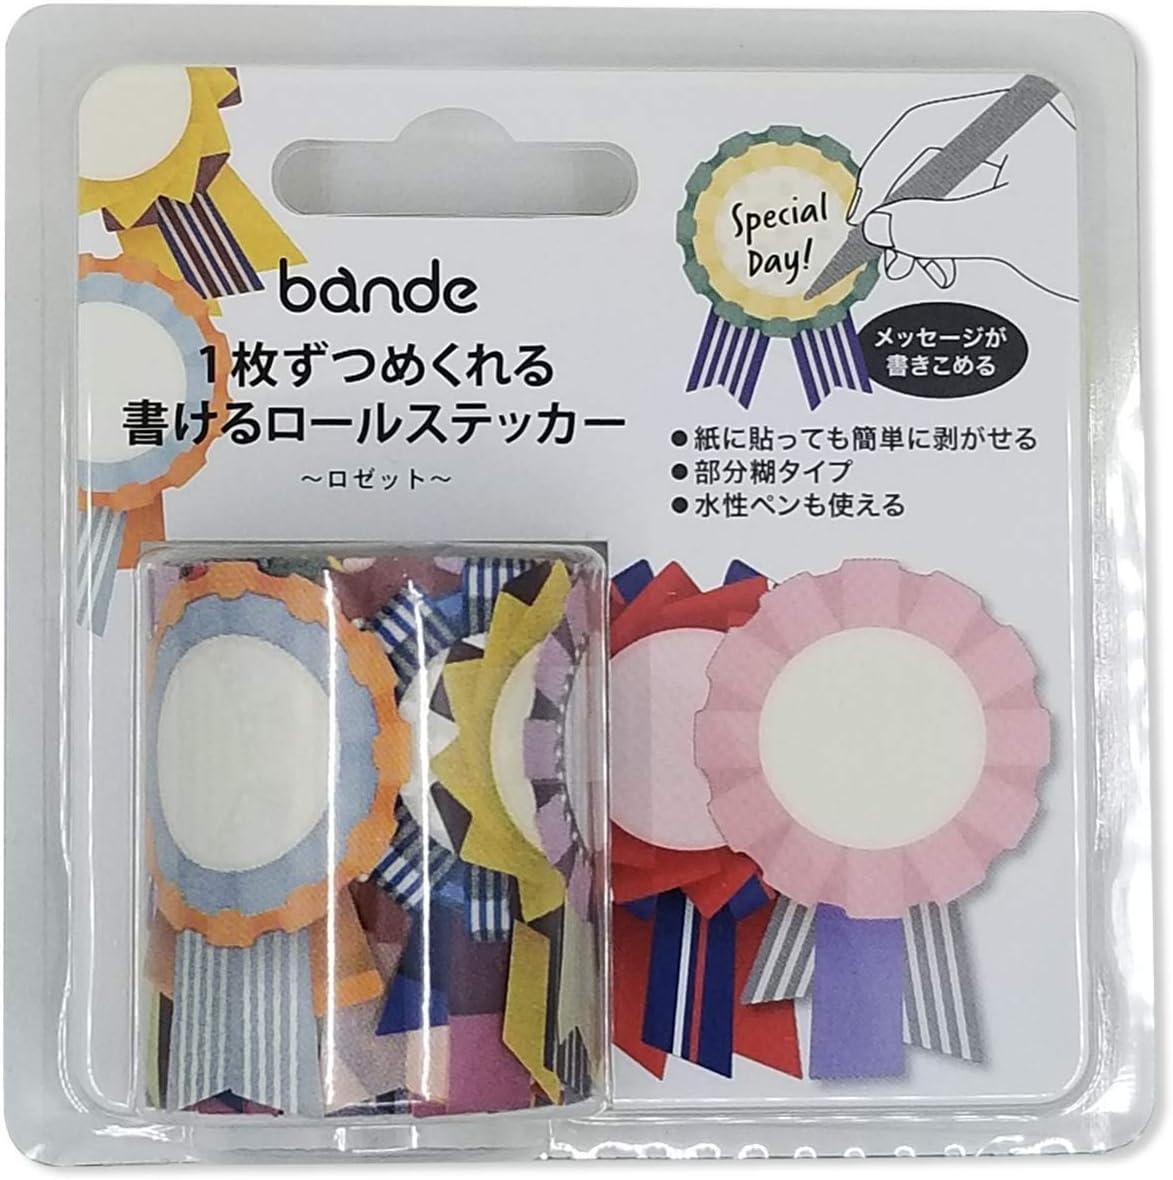 Bande Rosette Writable roll Sticker